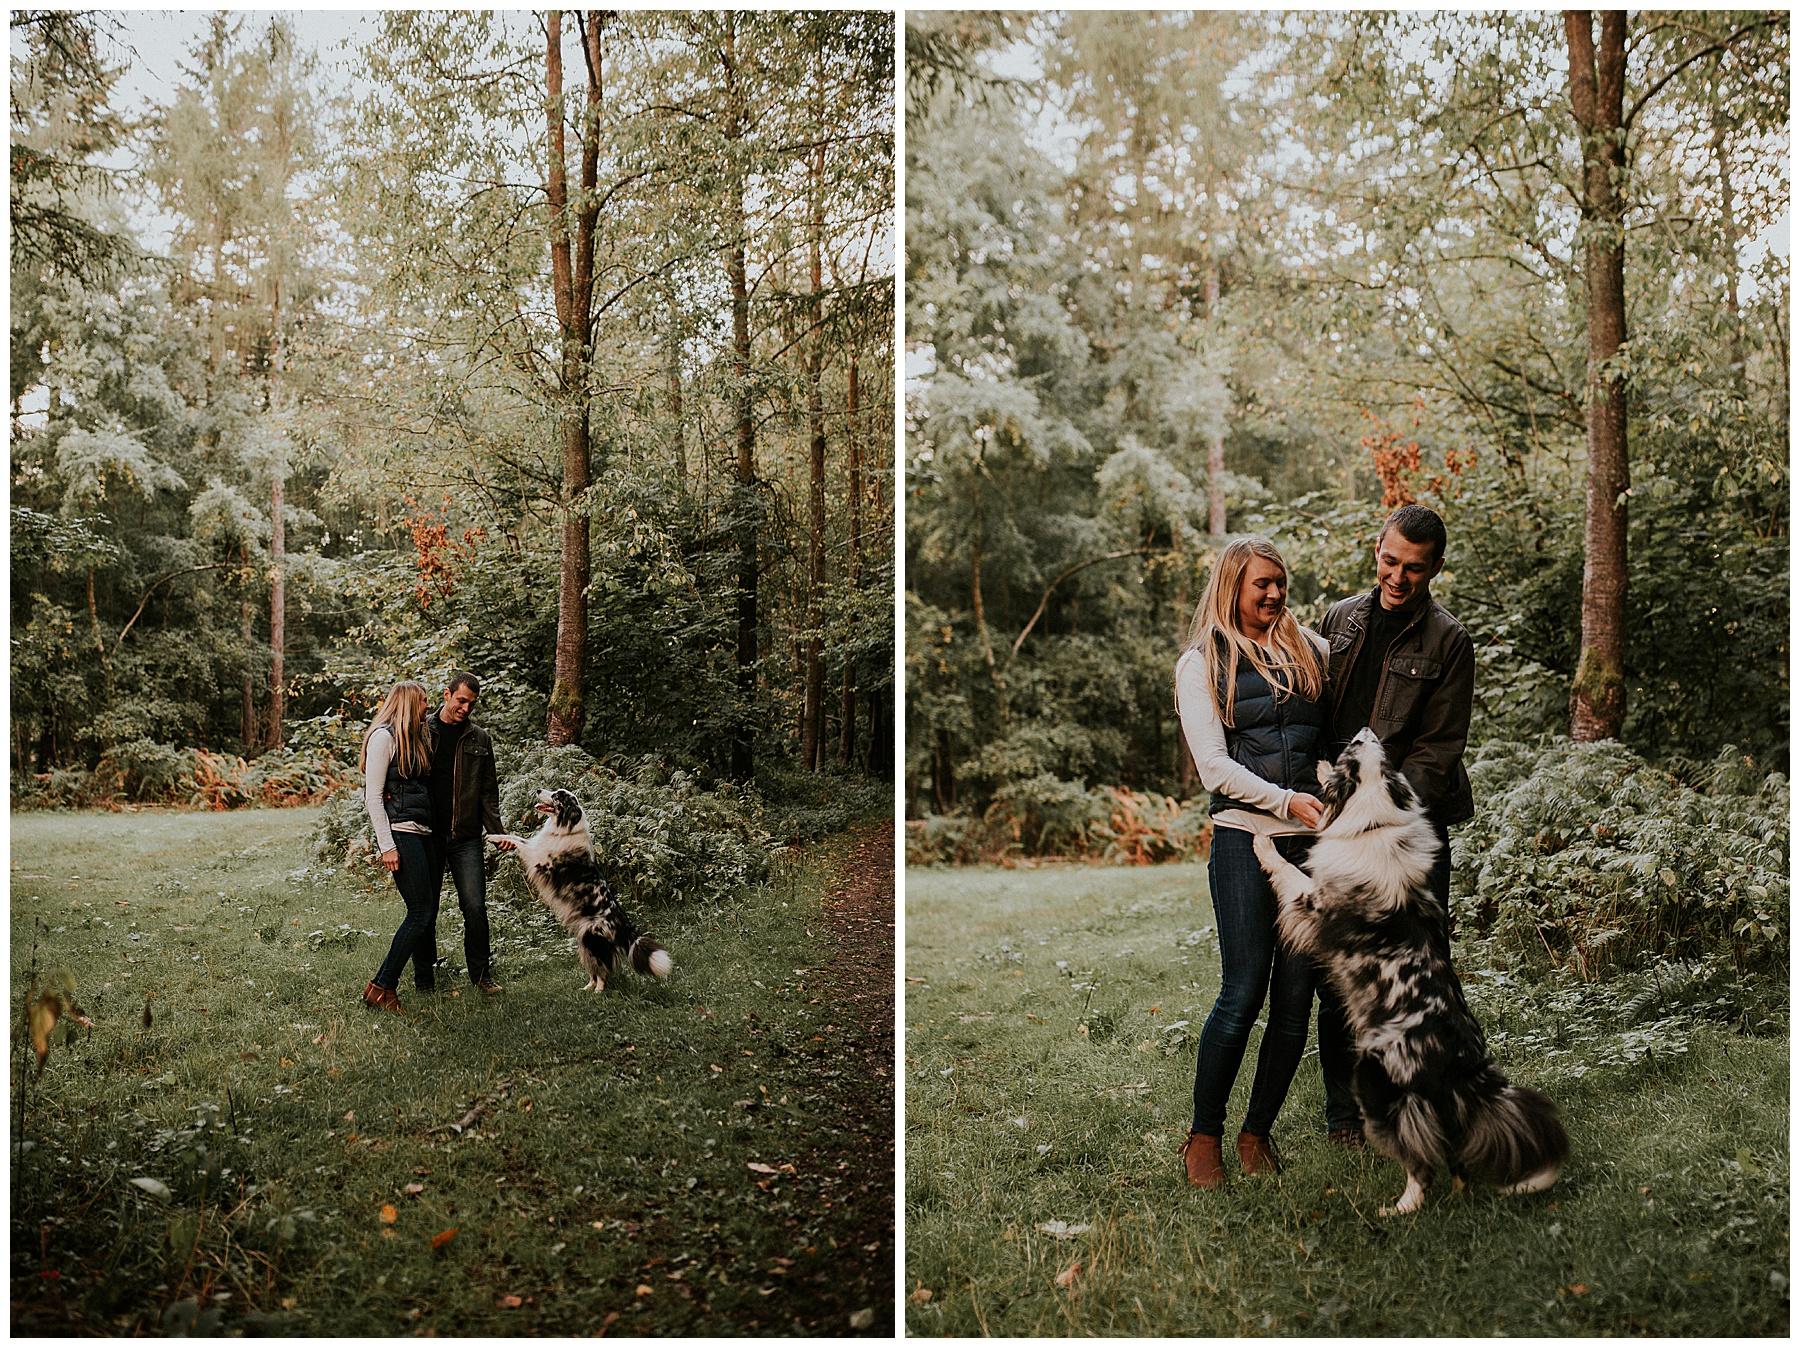 Claire & Matt Sunset Engagement Shoot-14.jpg